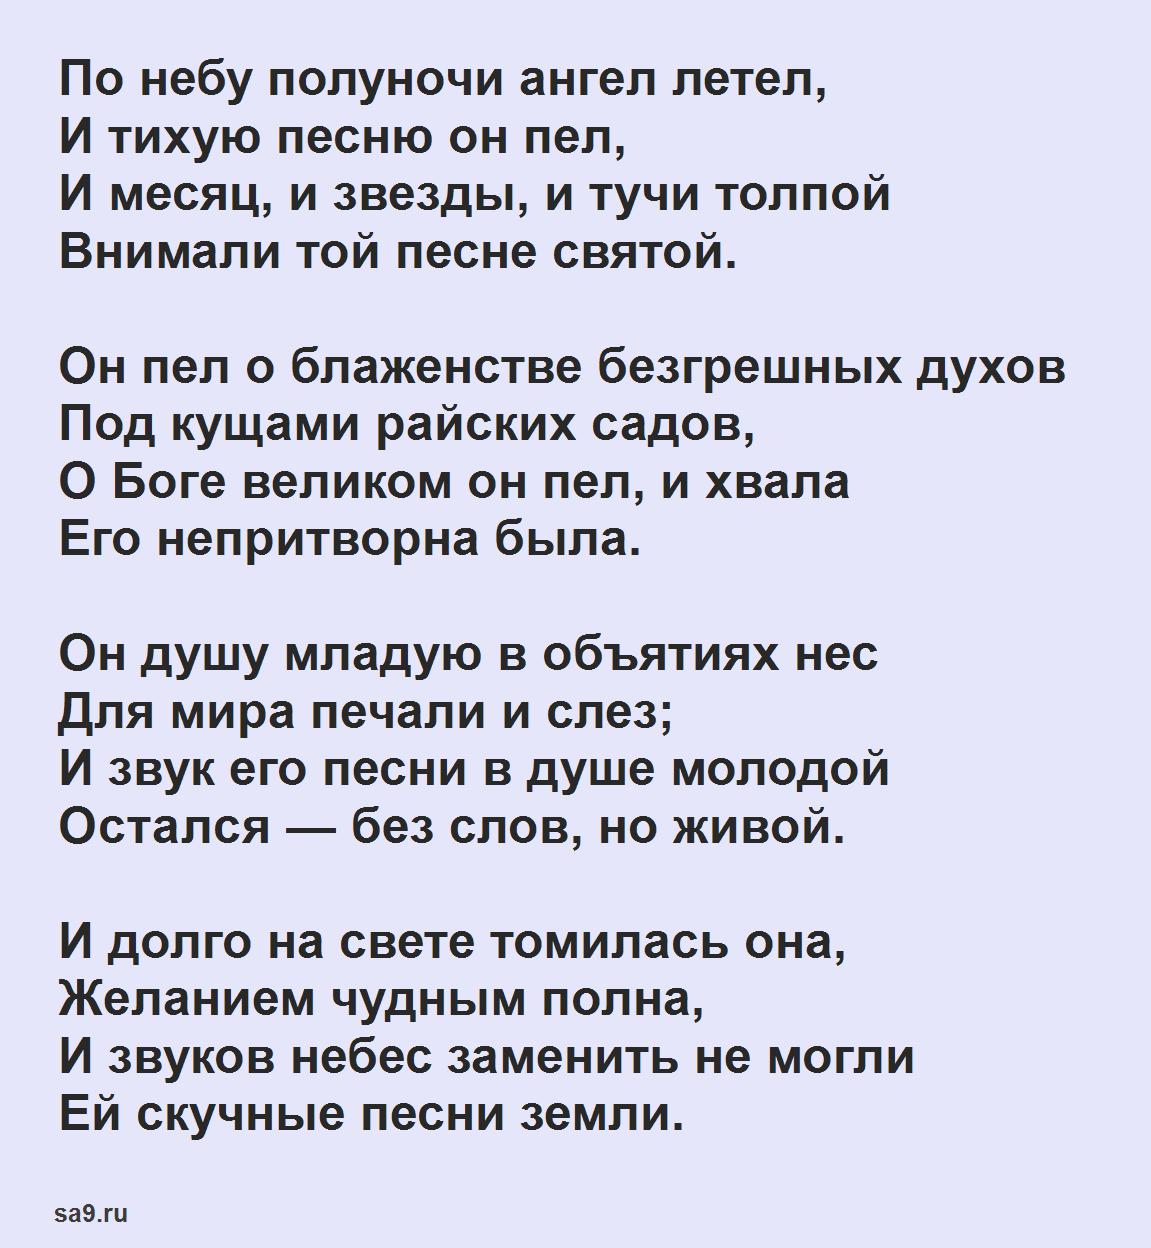 Красивые стихи русских поэтов - Ангел, Лермонтов